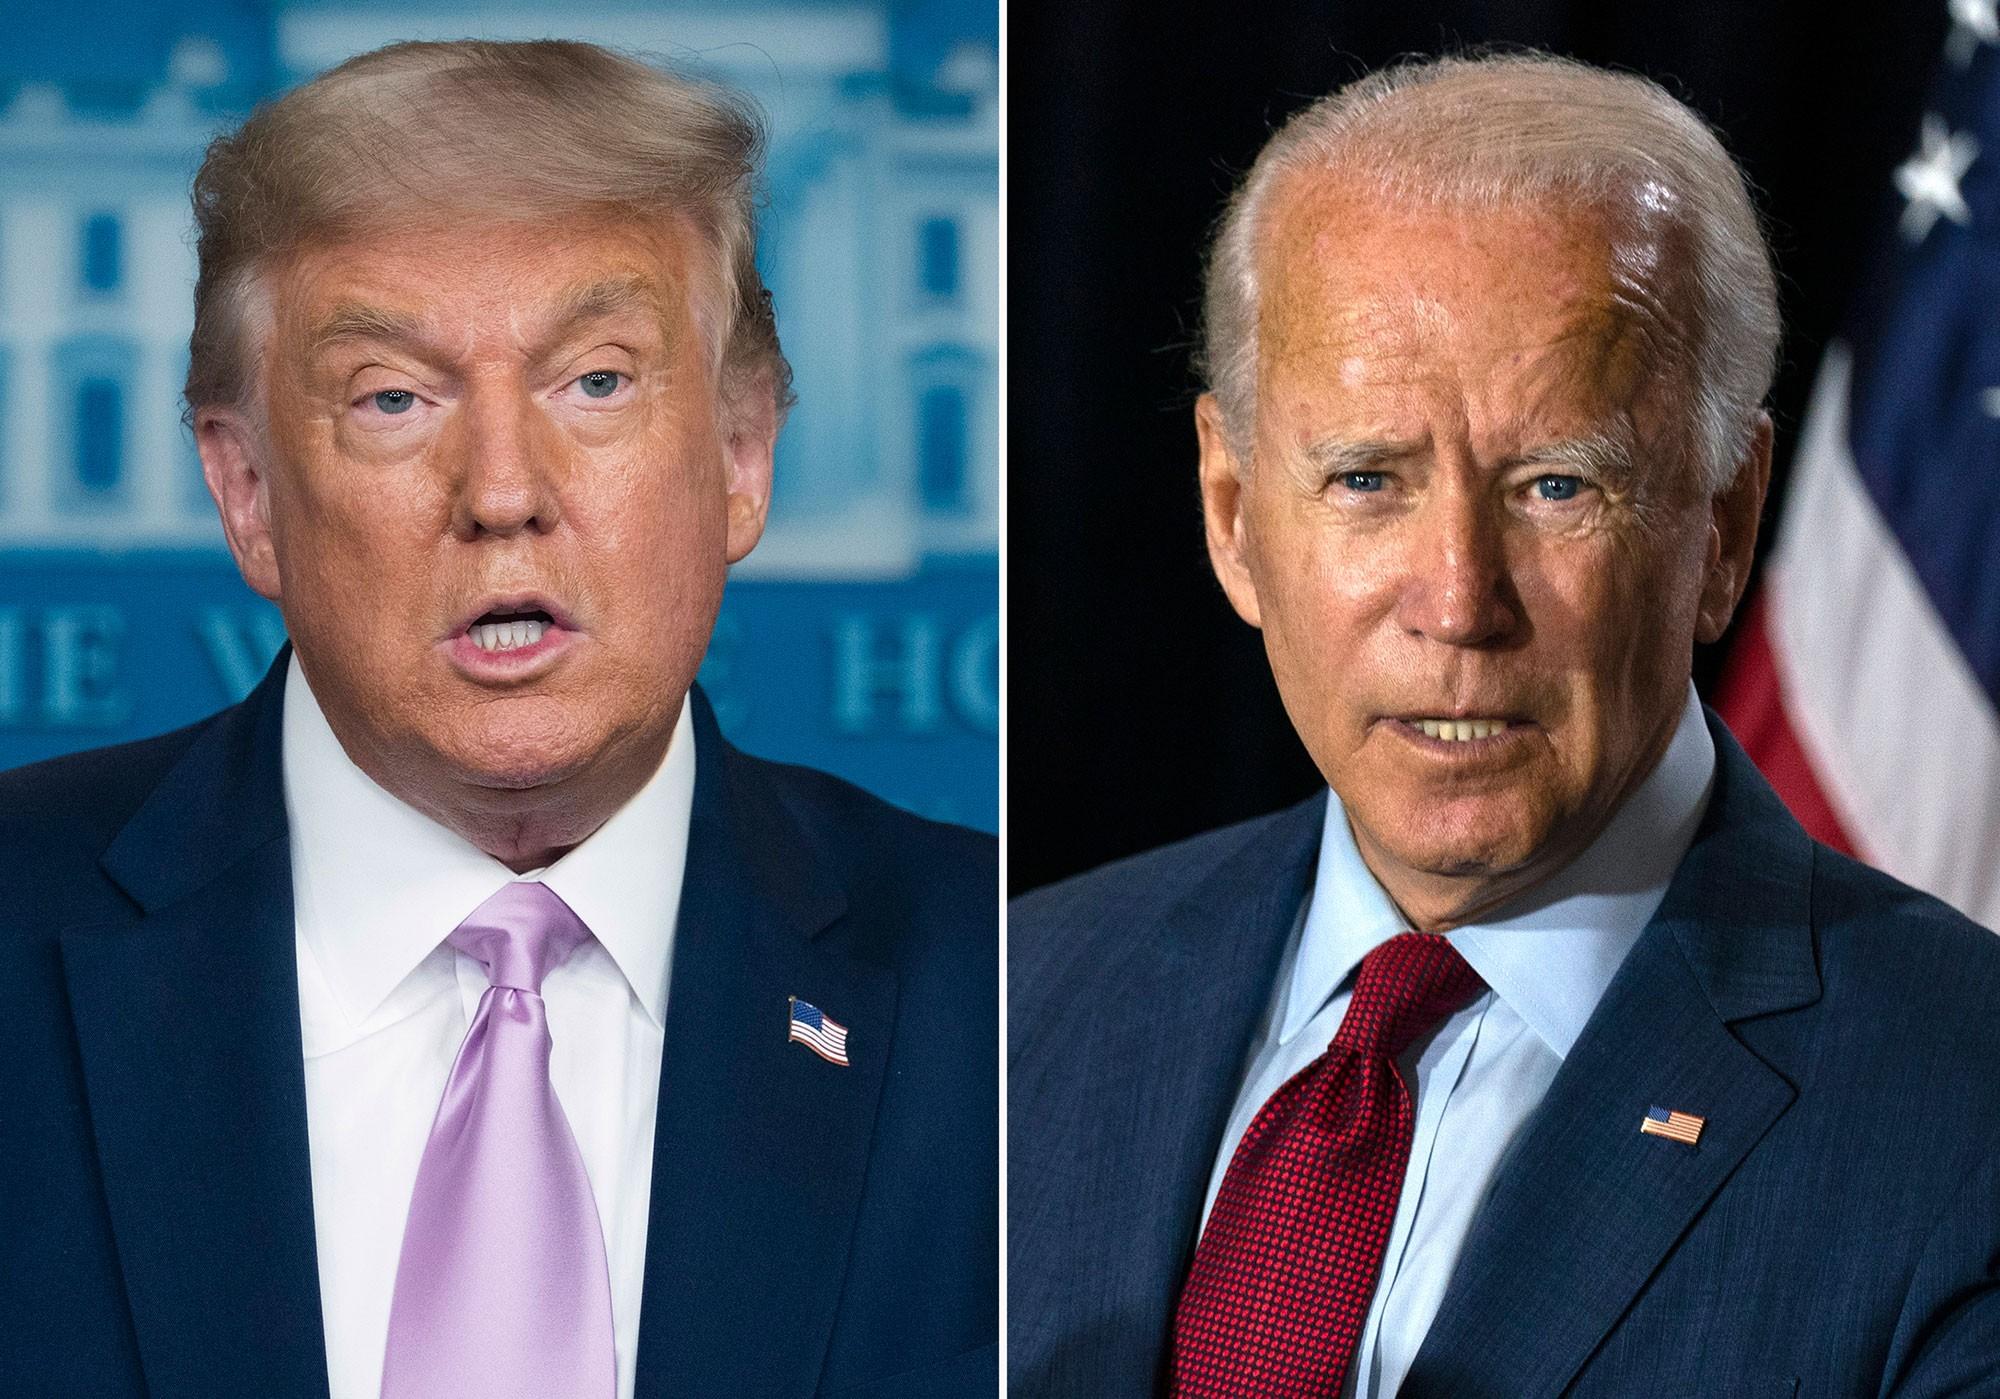 Sangue nos olhos no primeiro confronto eleitoral nos EUA